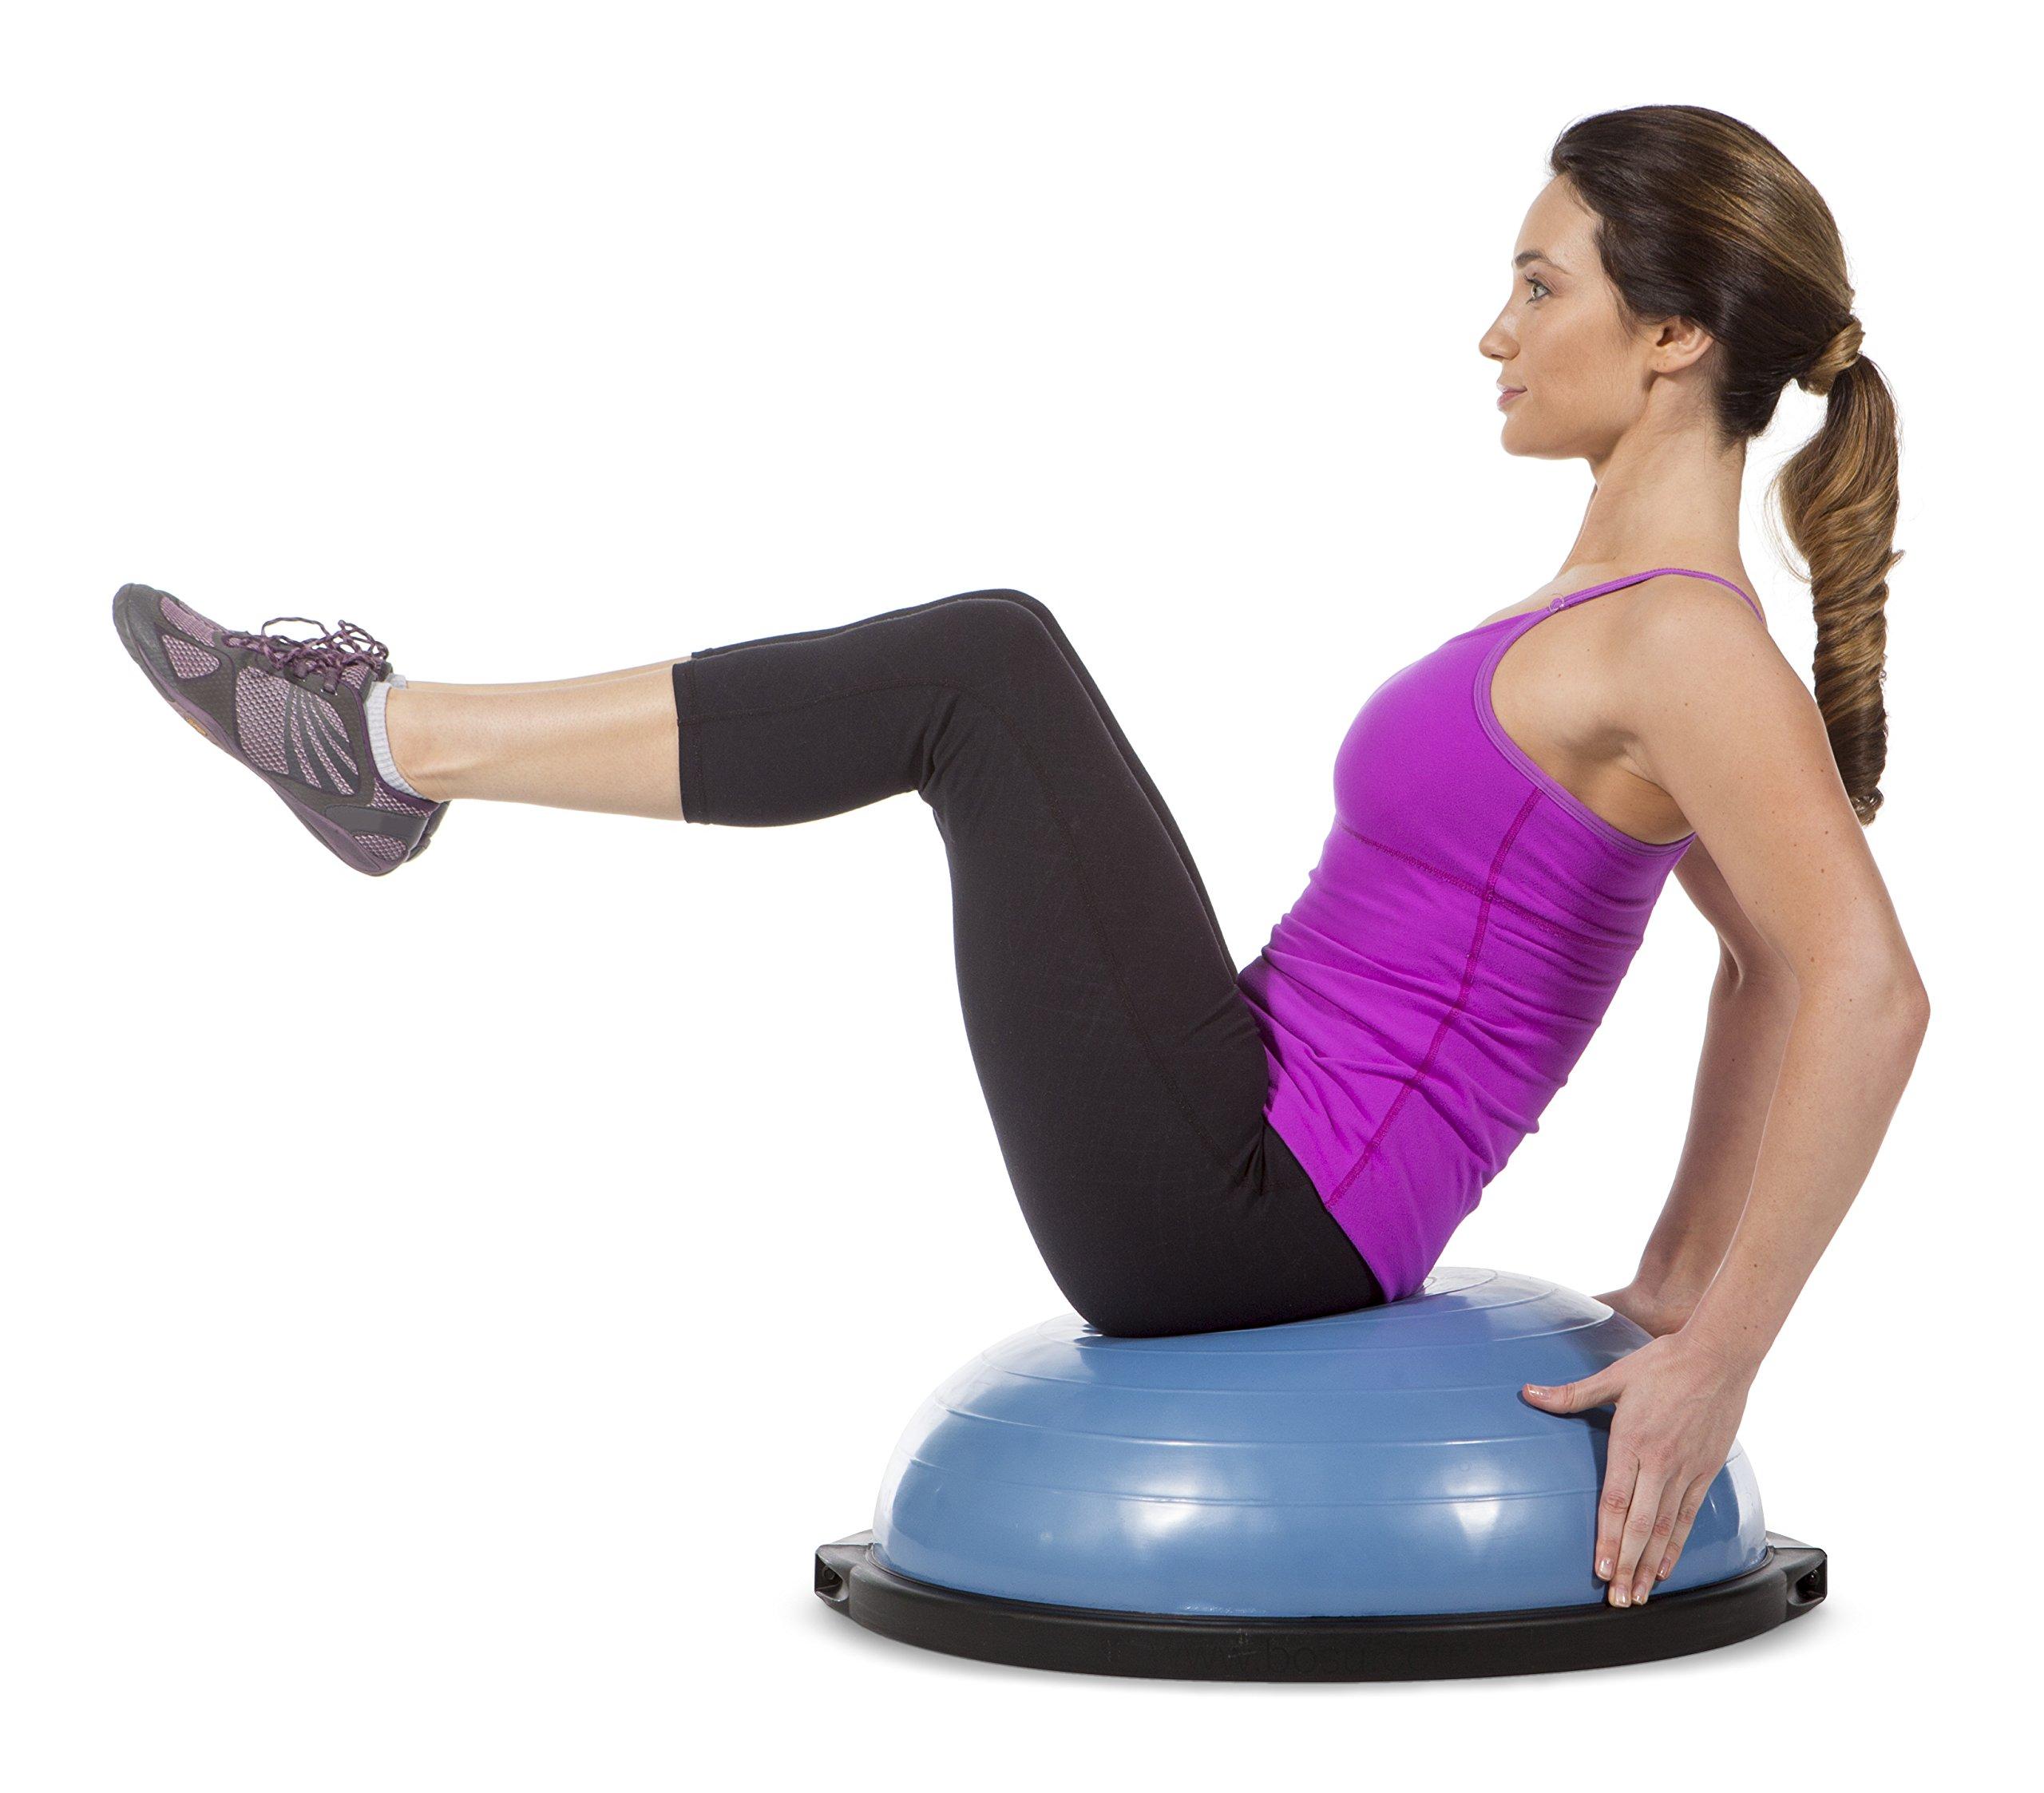 Bosu Balance Trainer, 65cm The Original - Blue/Blue by Bosu (Image #3)